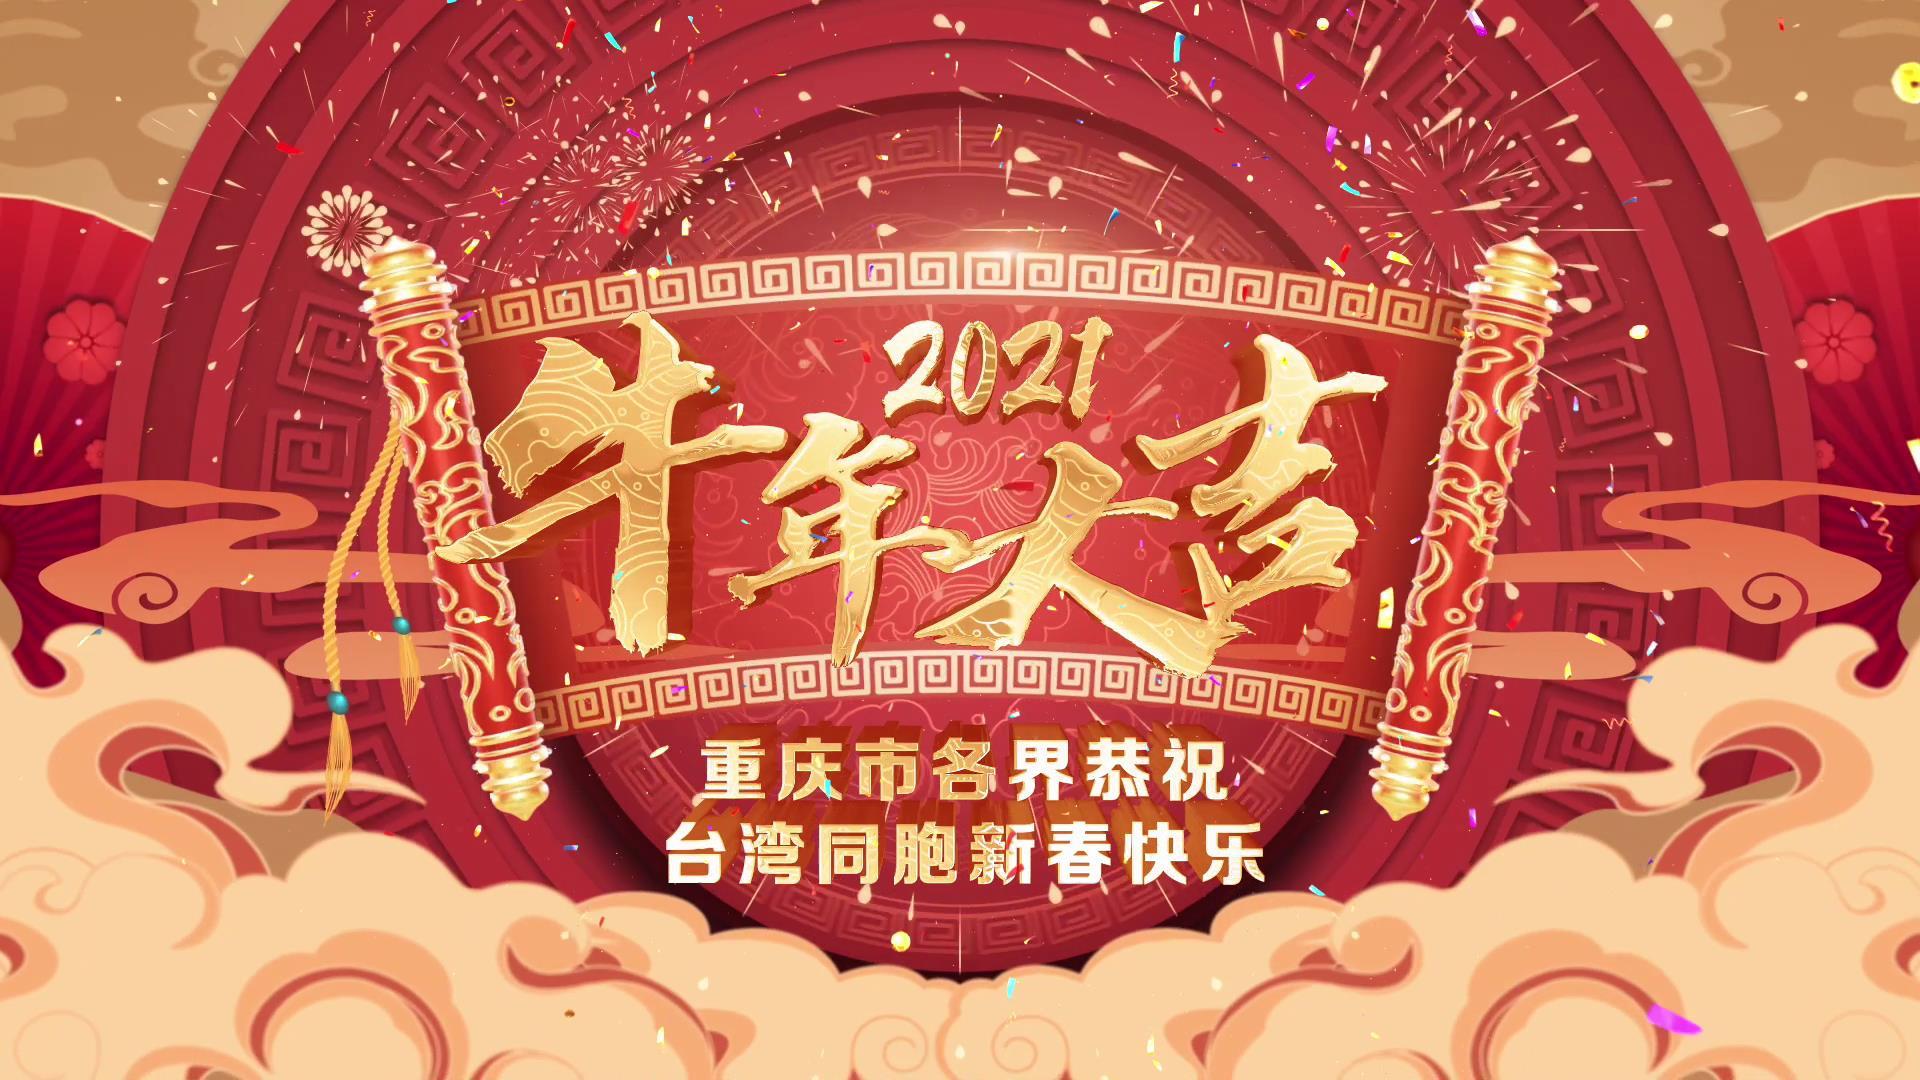 重庆市各界恭祝台湾同胞新春快乐图片